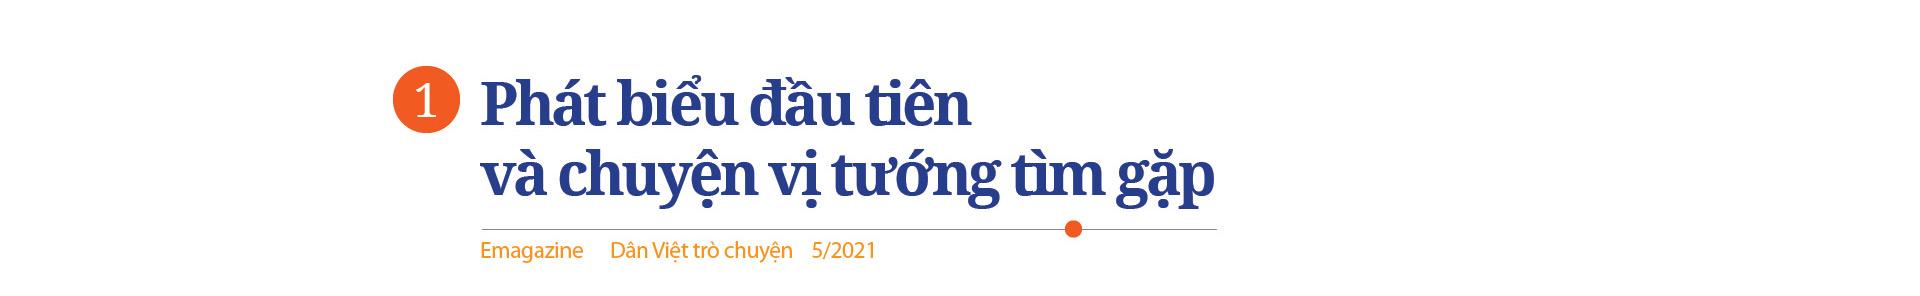 Ông Dương Trung Quốc chia sẻ những chuyện ít người biết sau 20 năm gắn bó nghị trường - Ảnh 1.